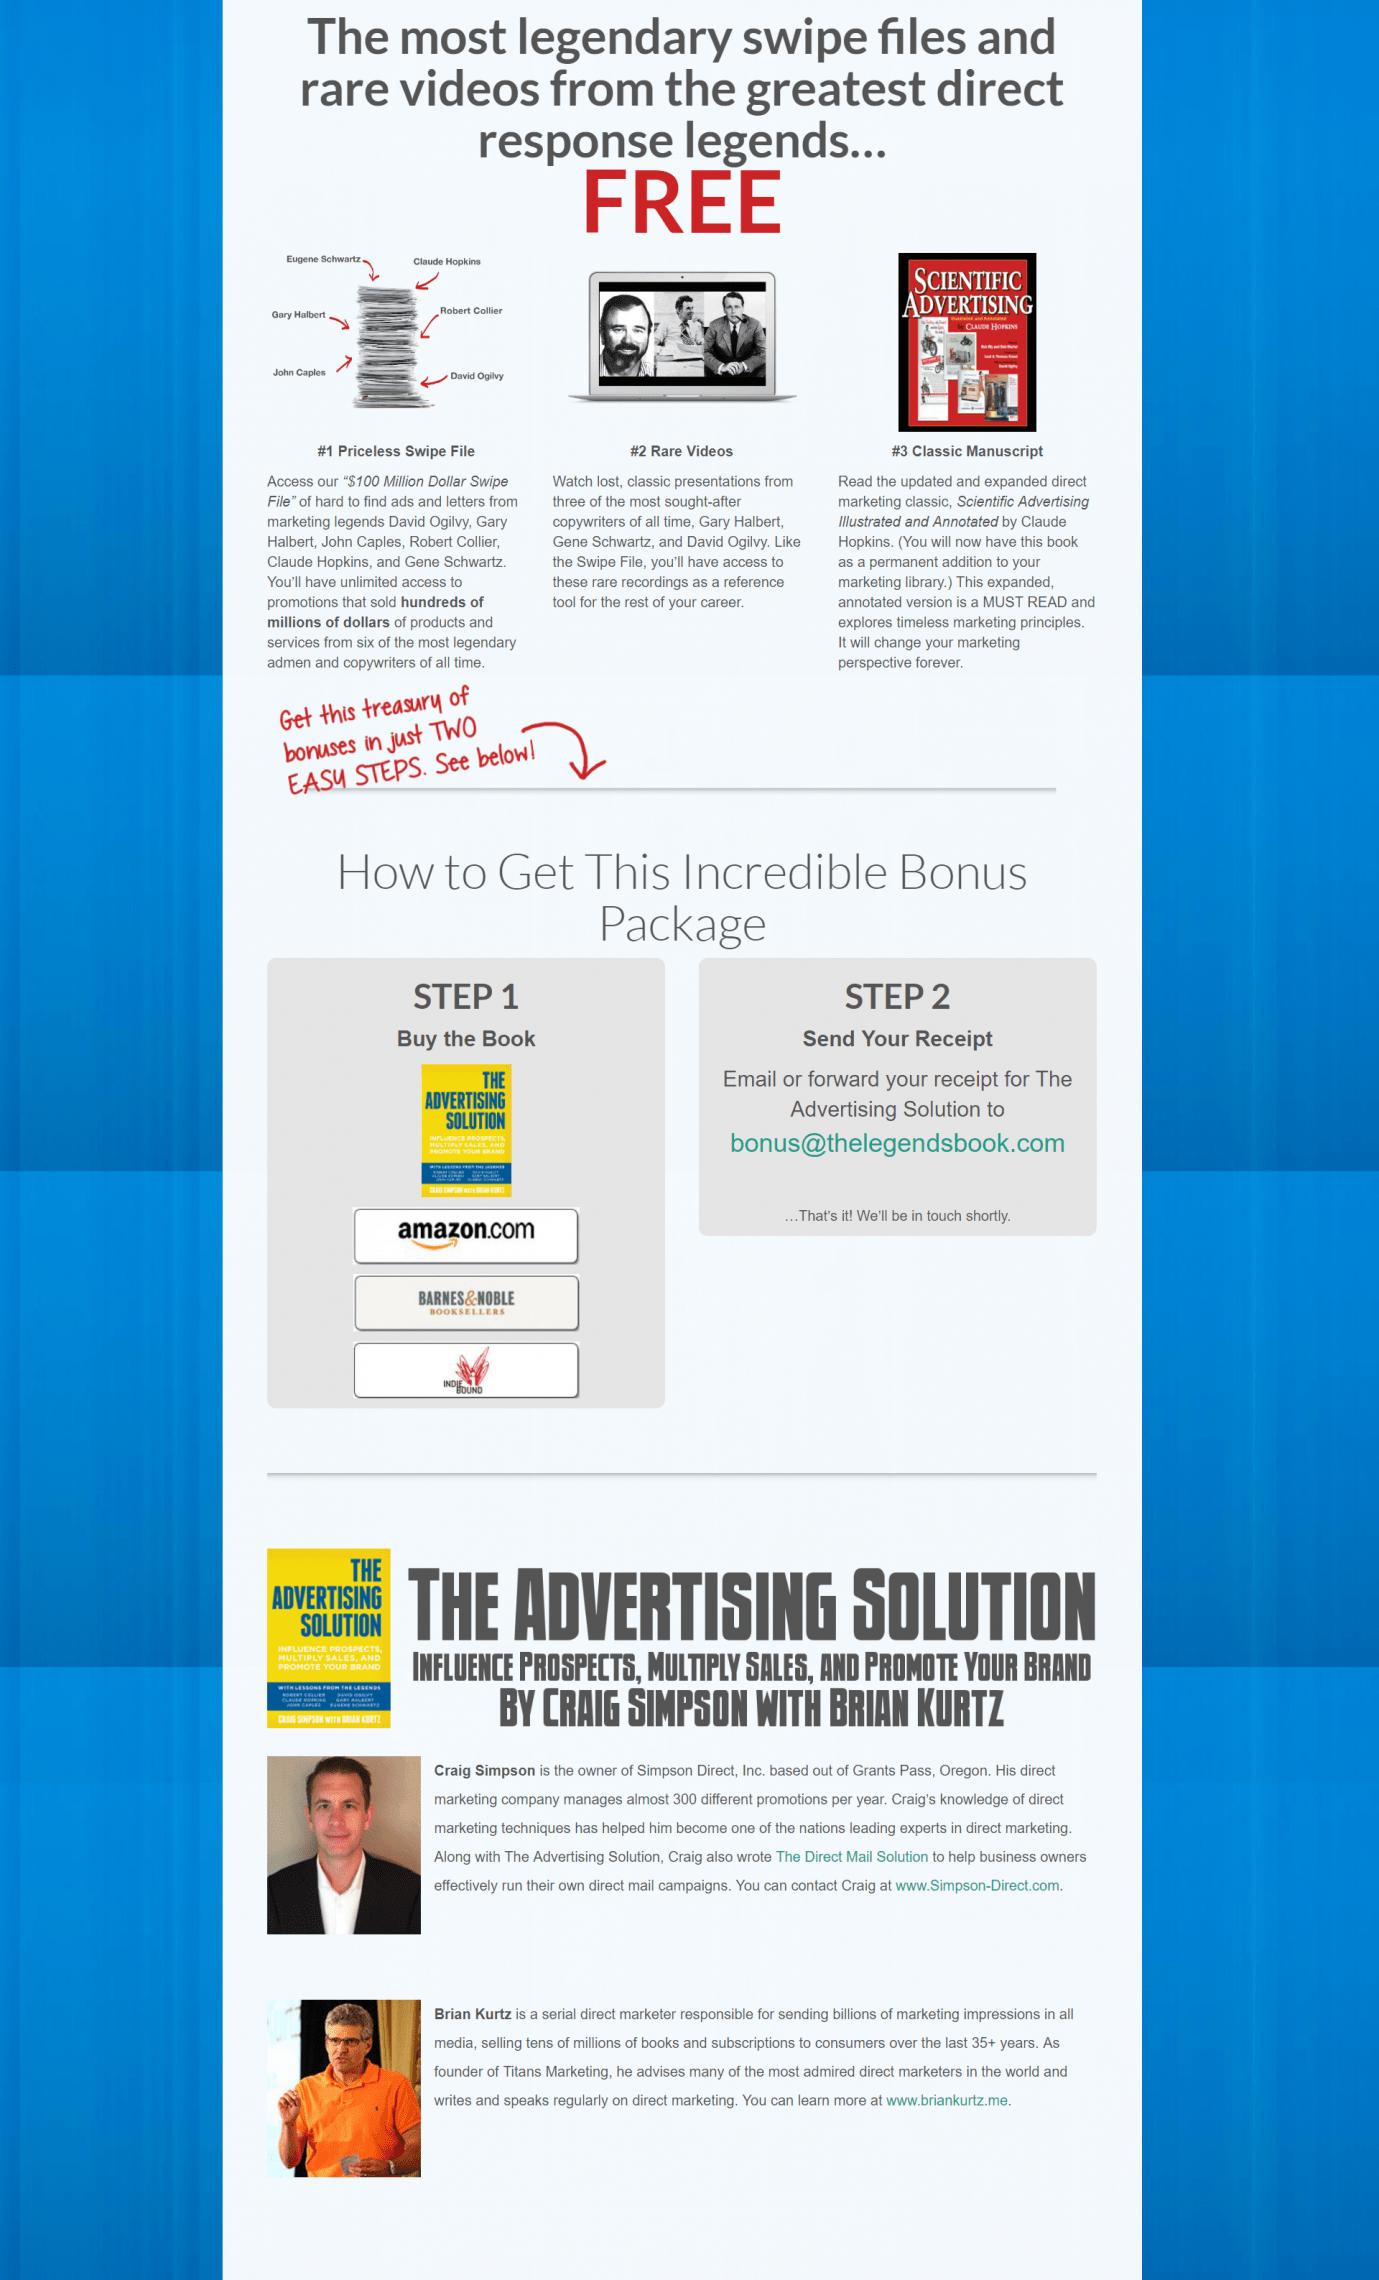 购买广告解决方案,以获得最大的直接营销资源节省所有时间(0 Million Dollar Swipe File)